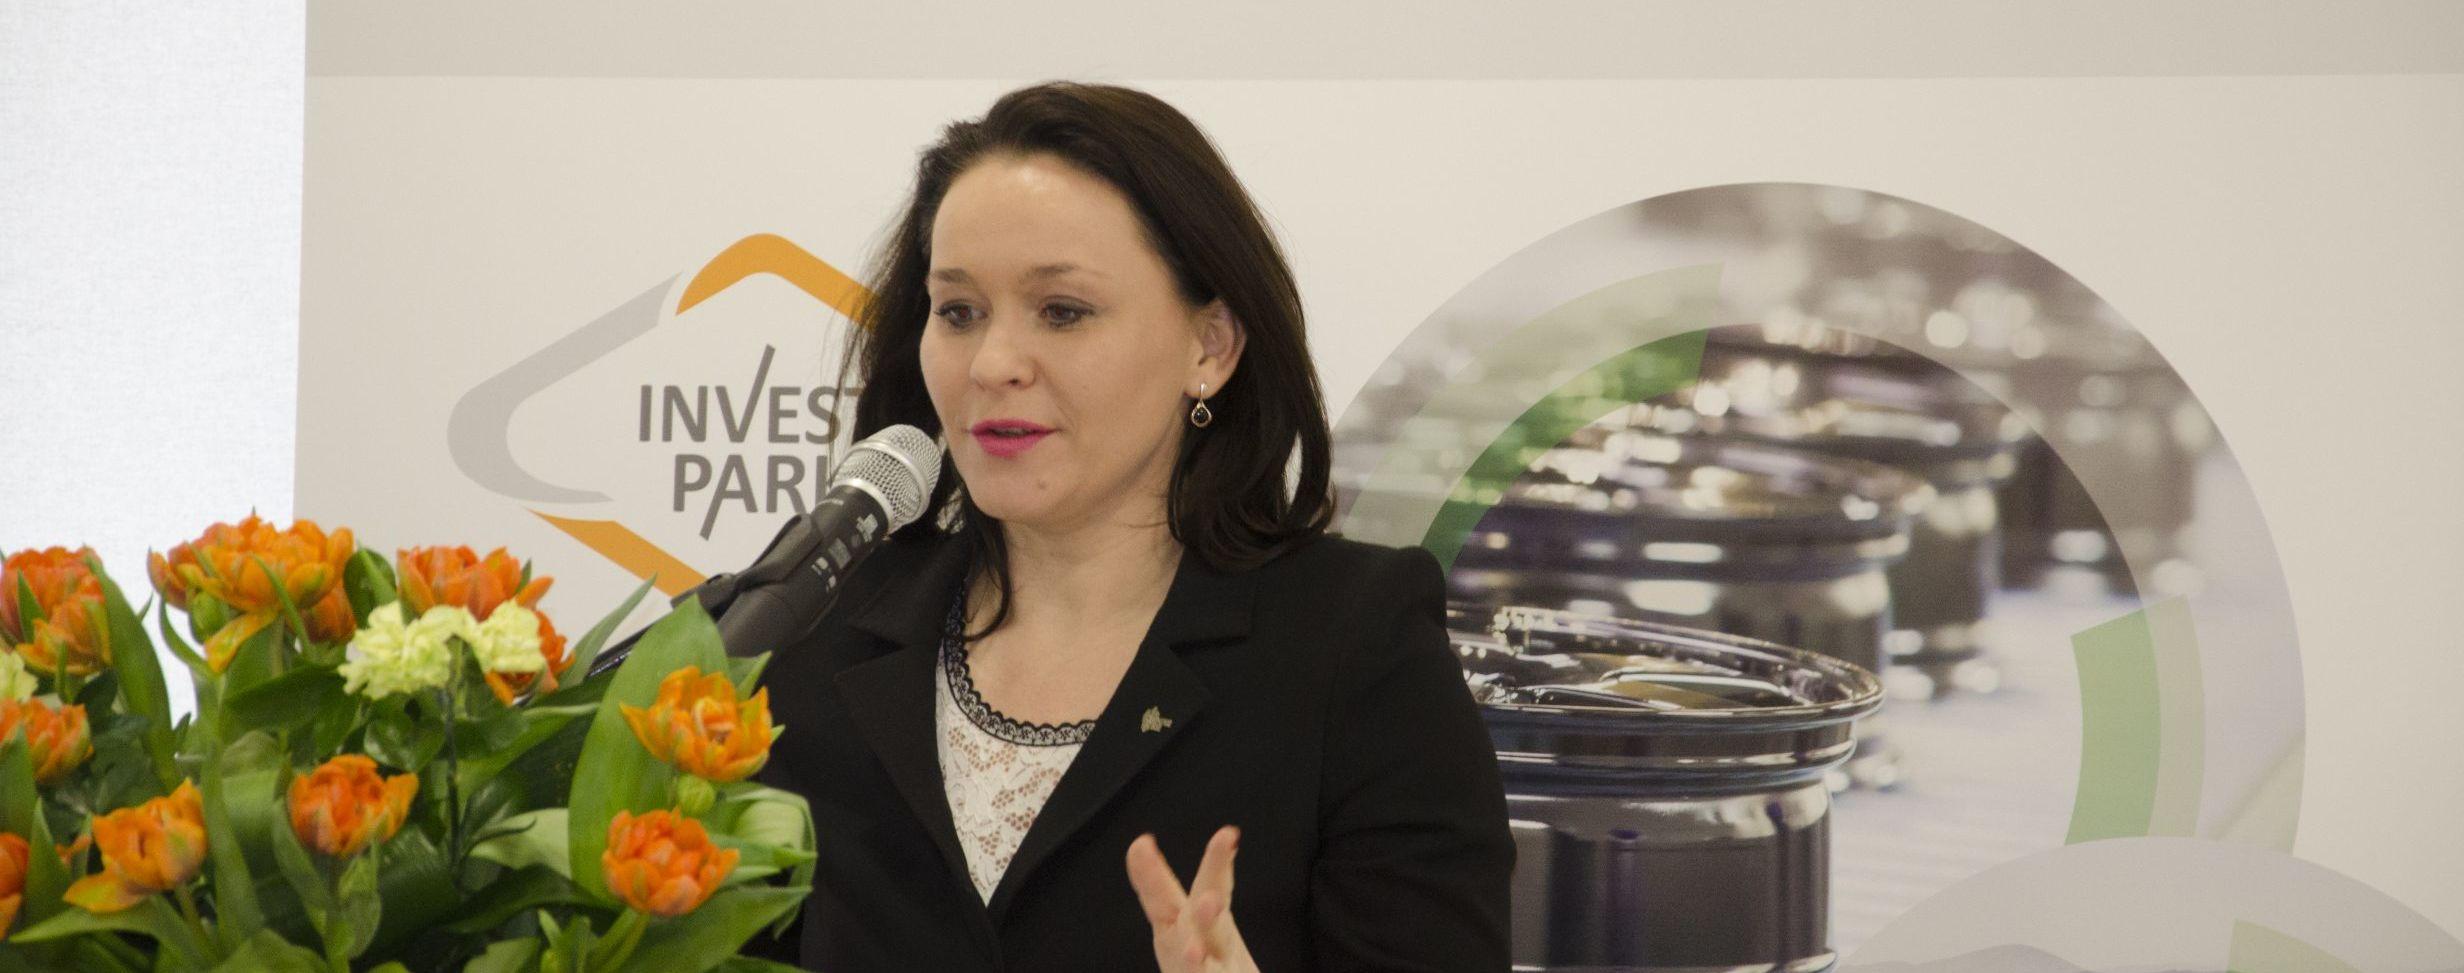 - Dziś jest bardzo ważny dzień nie tylko dla mieszkańców Wrześni, ale również dla całej Wielkopolski – mówiła podczas uroczystości otwarcia biura WSSE, senator i minister w kancelarii premiera, Andżelika Możdżanowska.